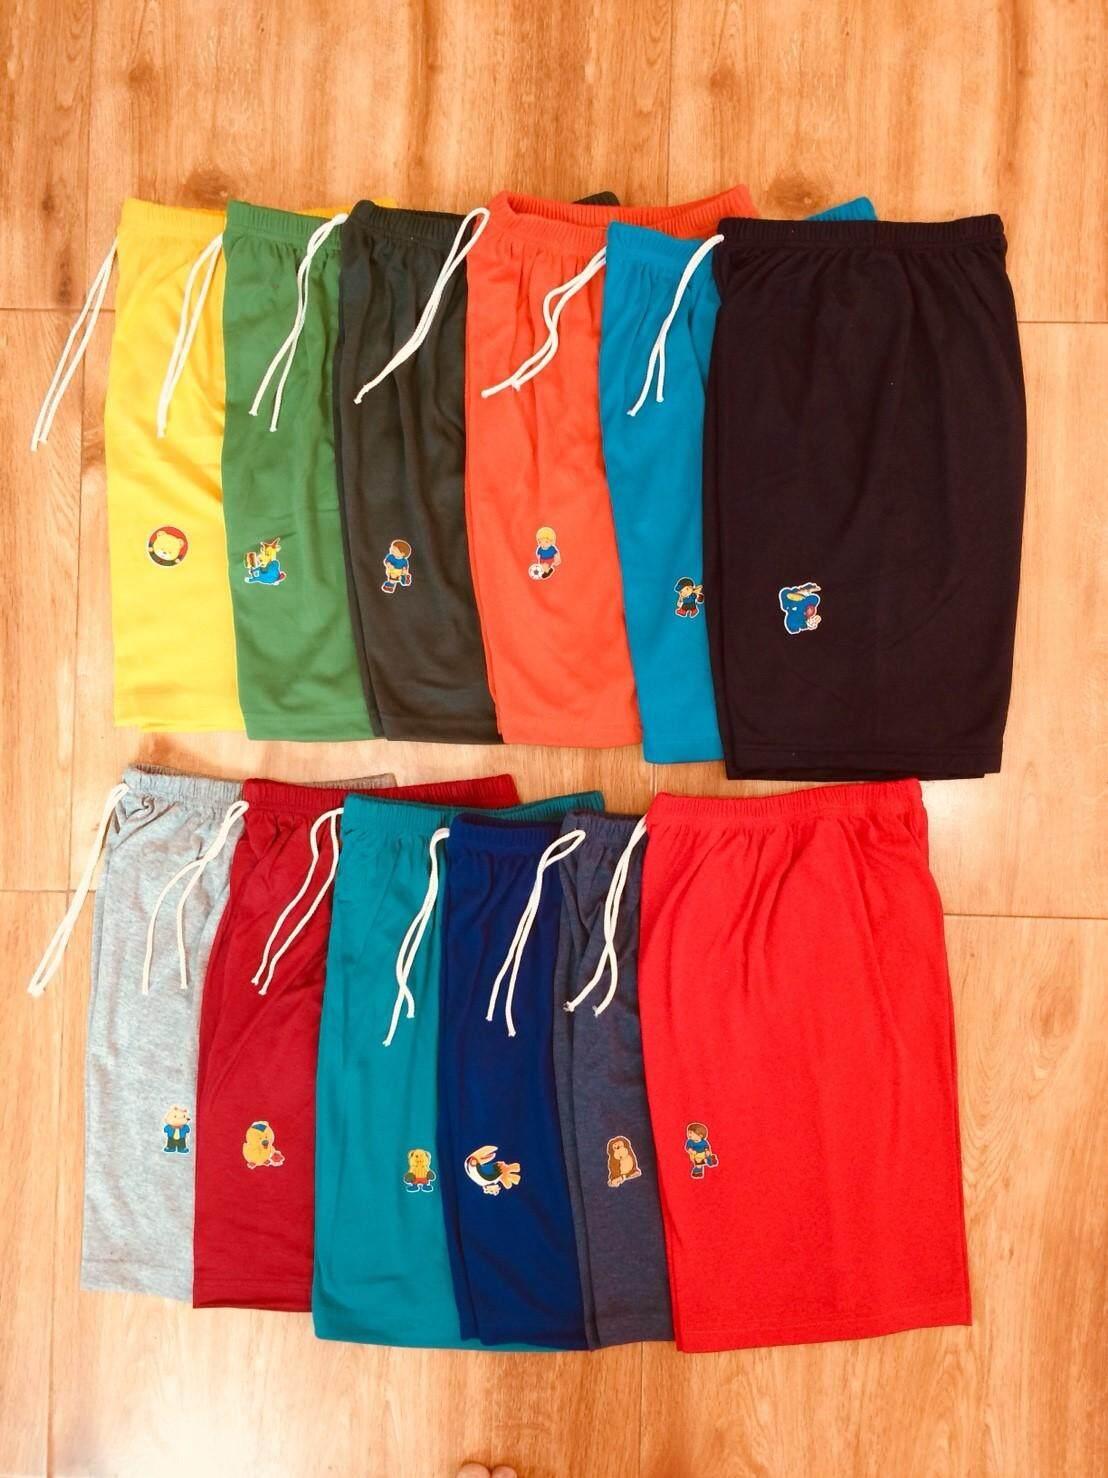 กางเกงเด็กโต L อายุ 8-12 ปี เซท 4 ตัว เลือกสีได้.